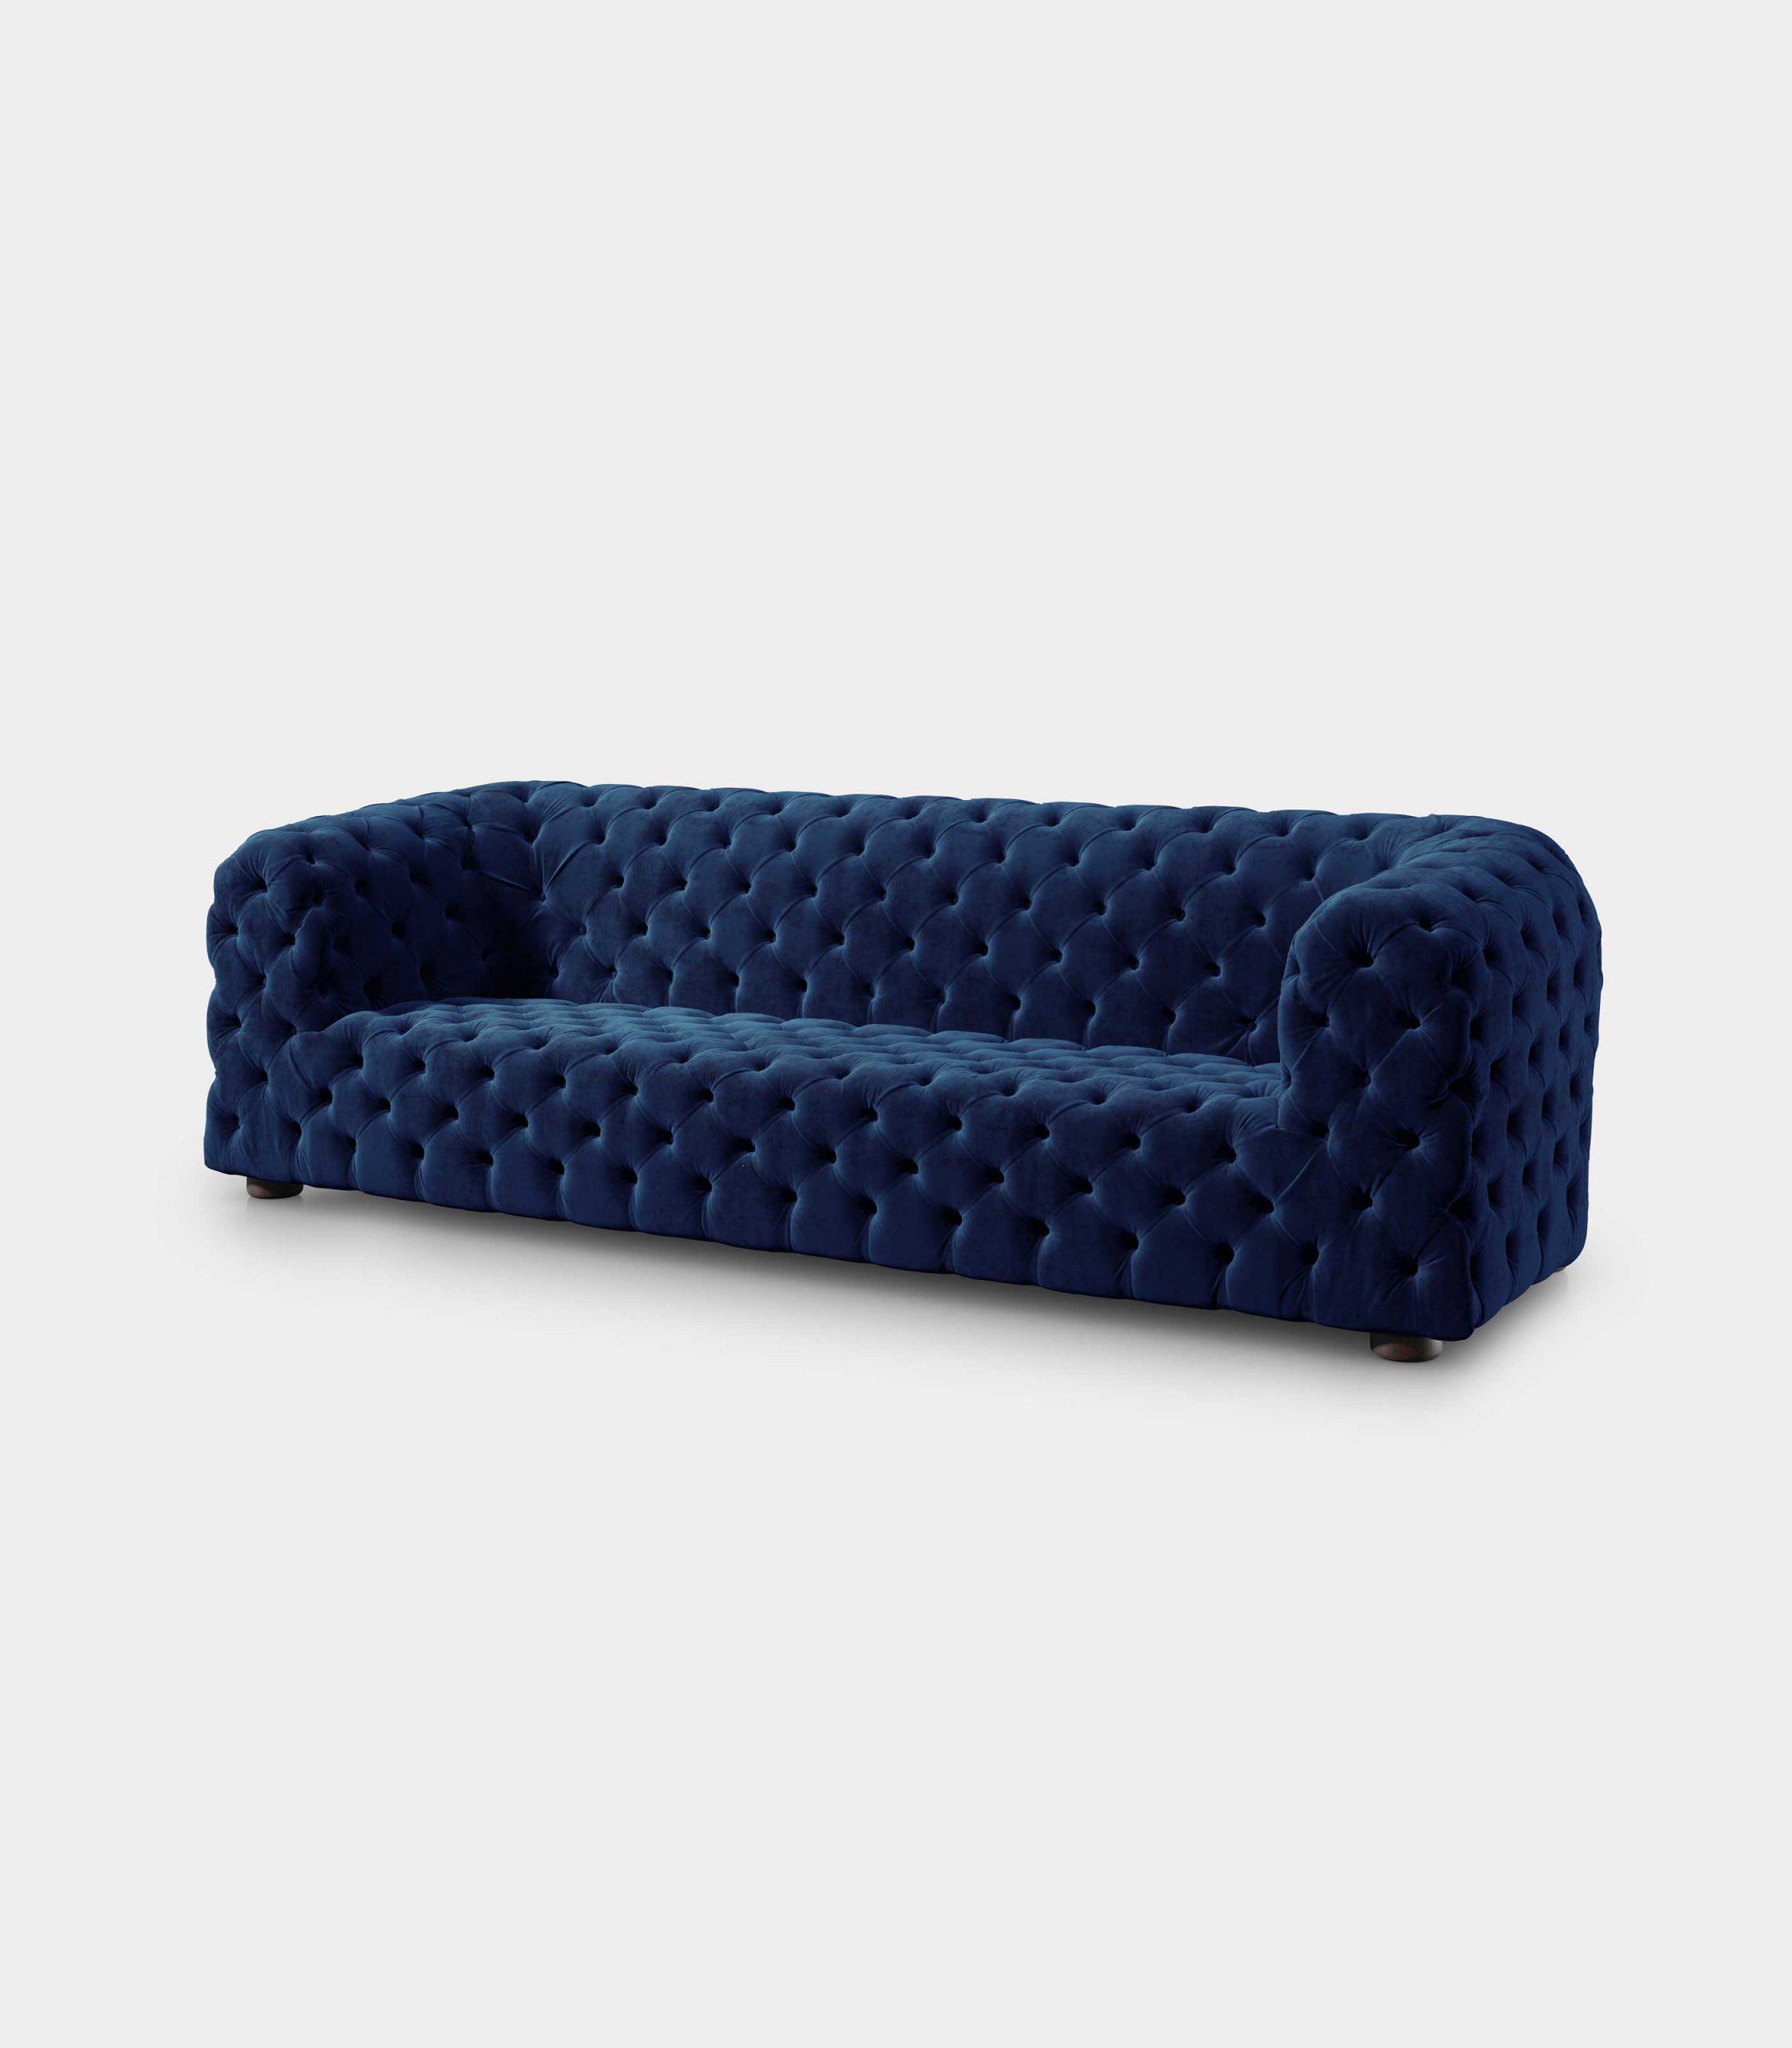 divano dubai capitonne velluto blu loopo milan design FD